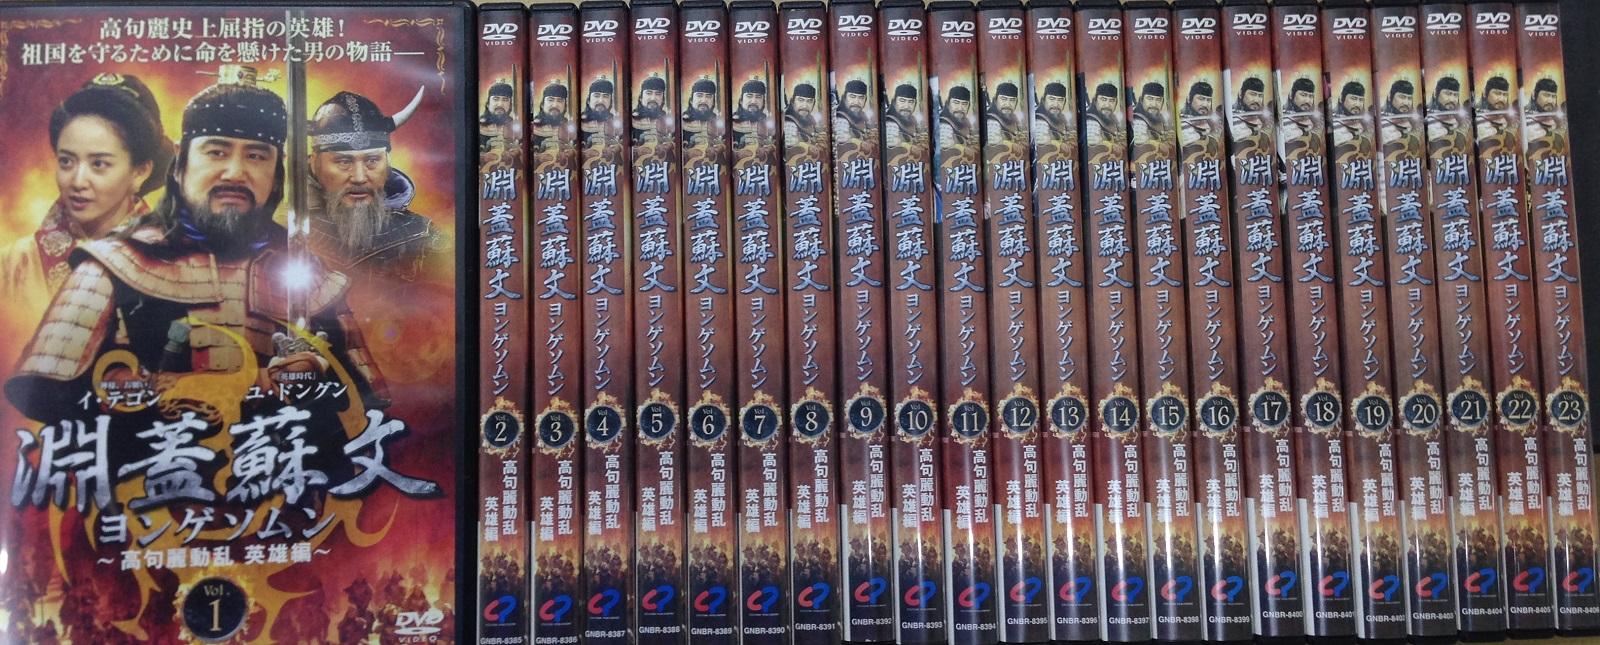 【送料無料】rw1244レンタルアップ 中古DVDヨンゲムソン~高句麗動乱 英雄編~23巻セット日本語吹替なし・字幕あり